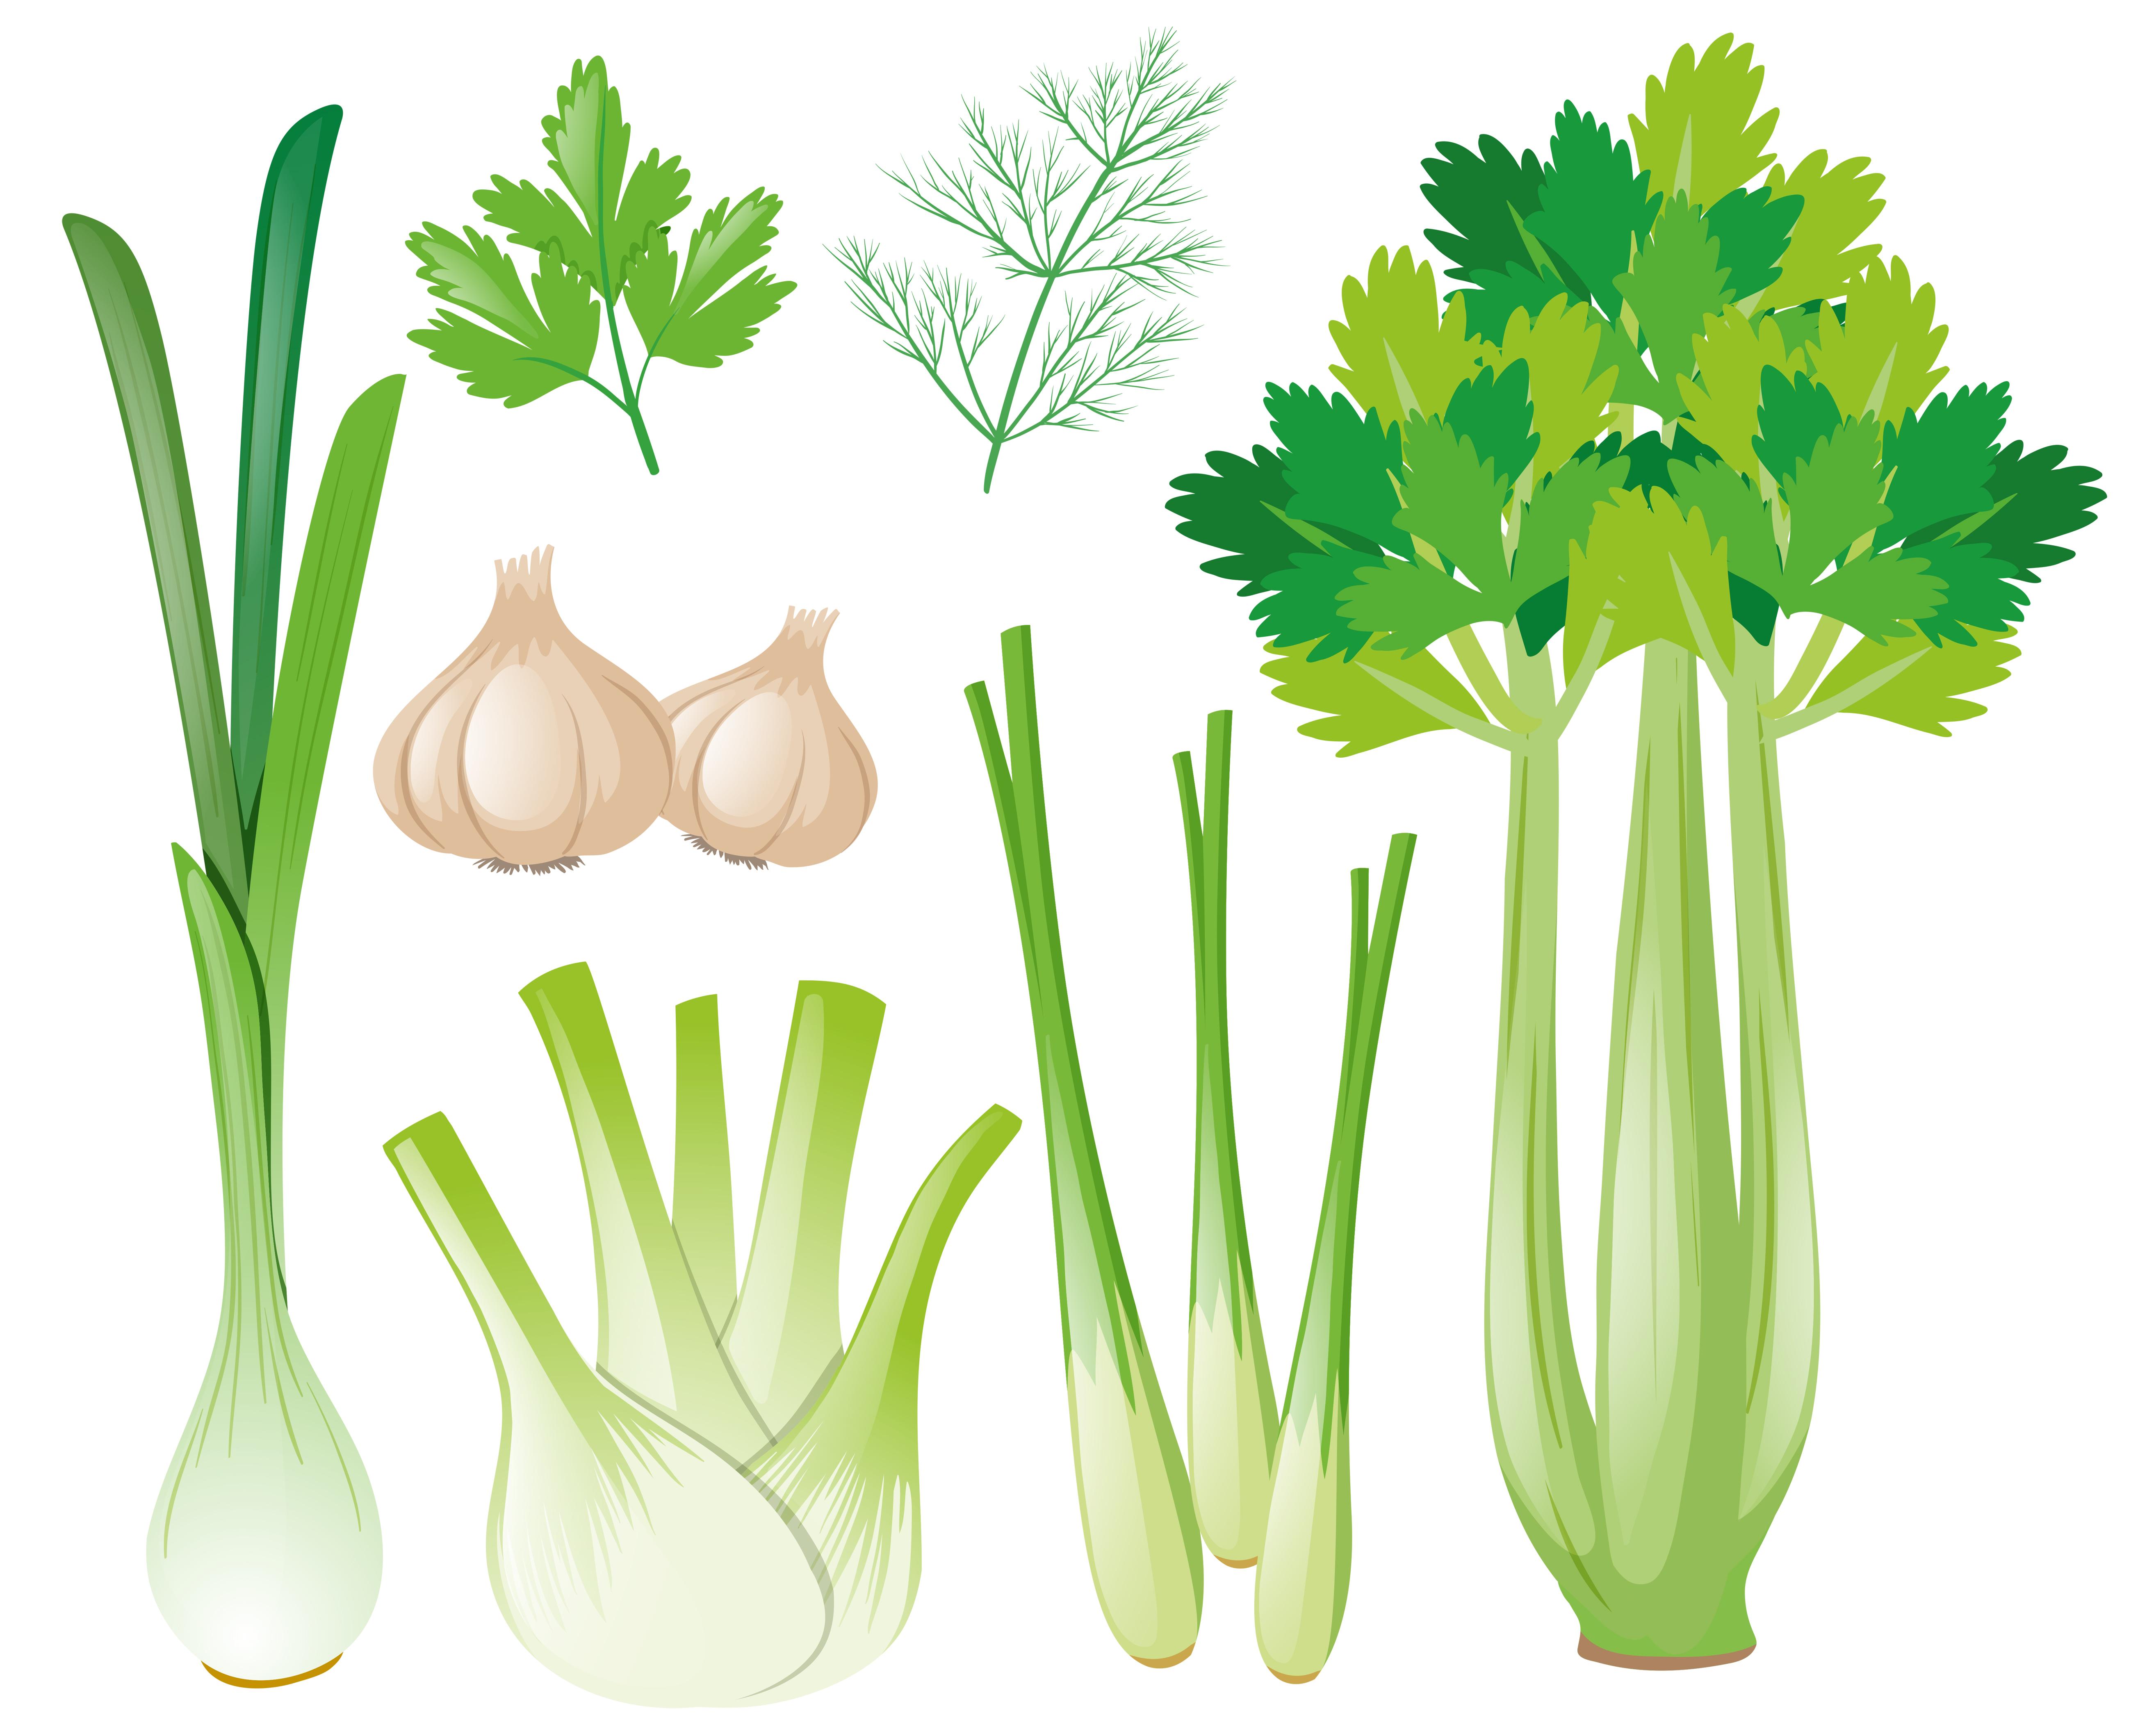 Differen types of vegetables - Download Free Vectors